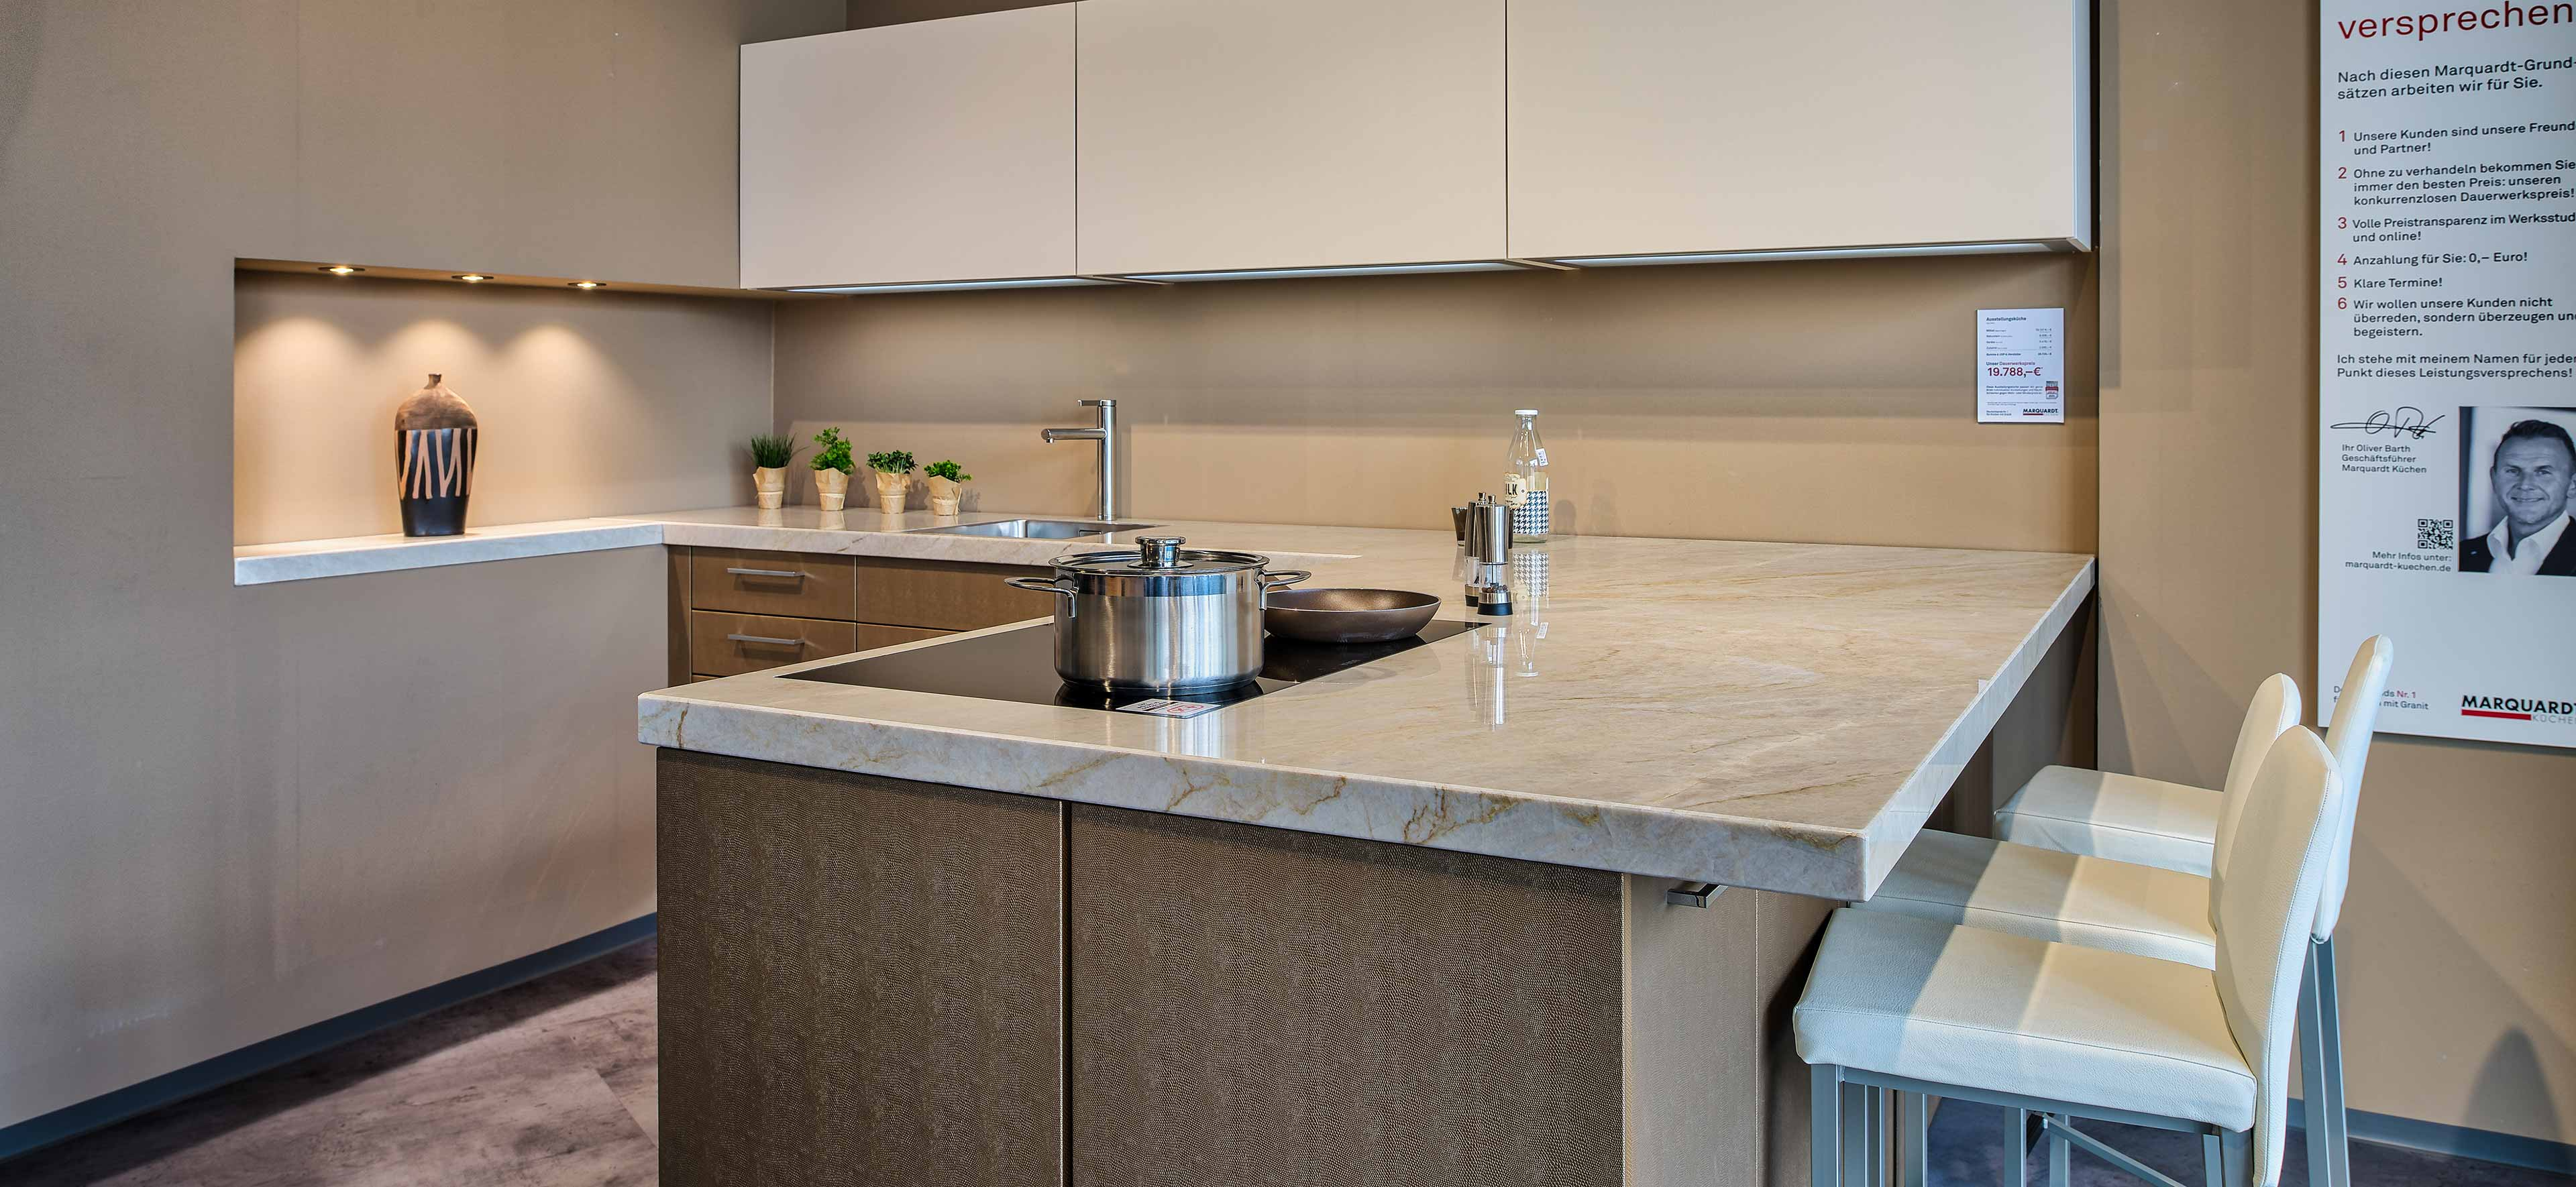 kuche auf raten kaufen ohne anzahlung perfect kchen auf raten awesome gnstige lassen sich auf. Black Bedroom Furniture Sets. Home Design Ideas